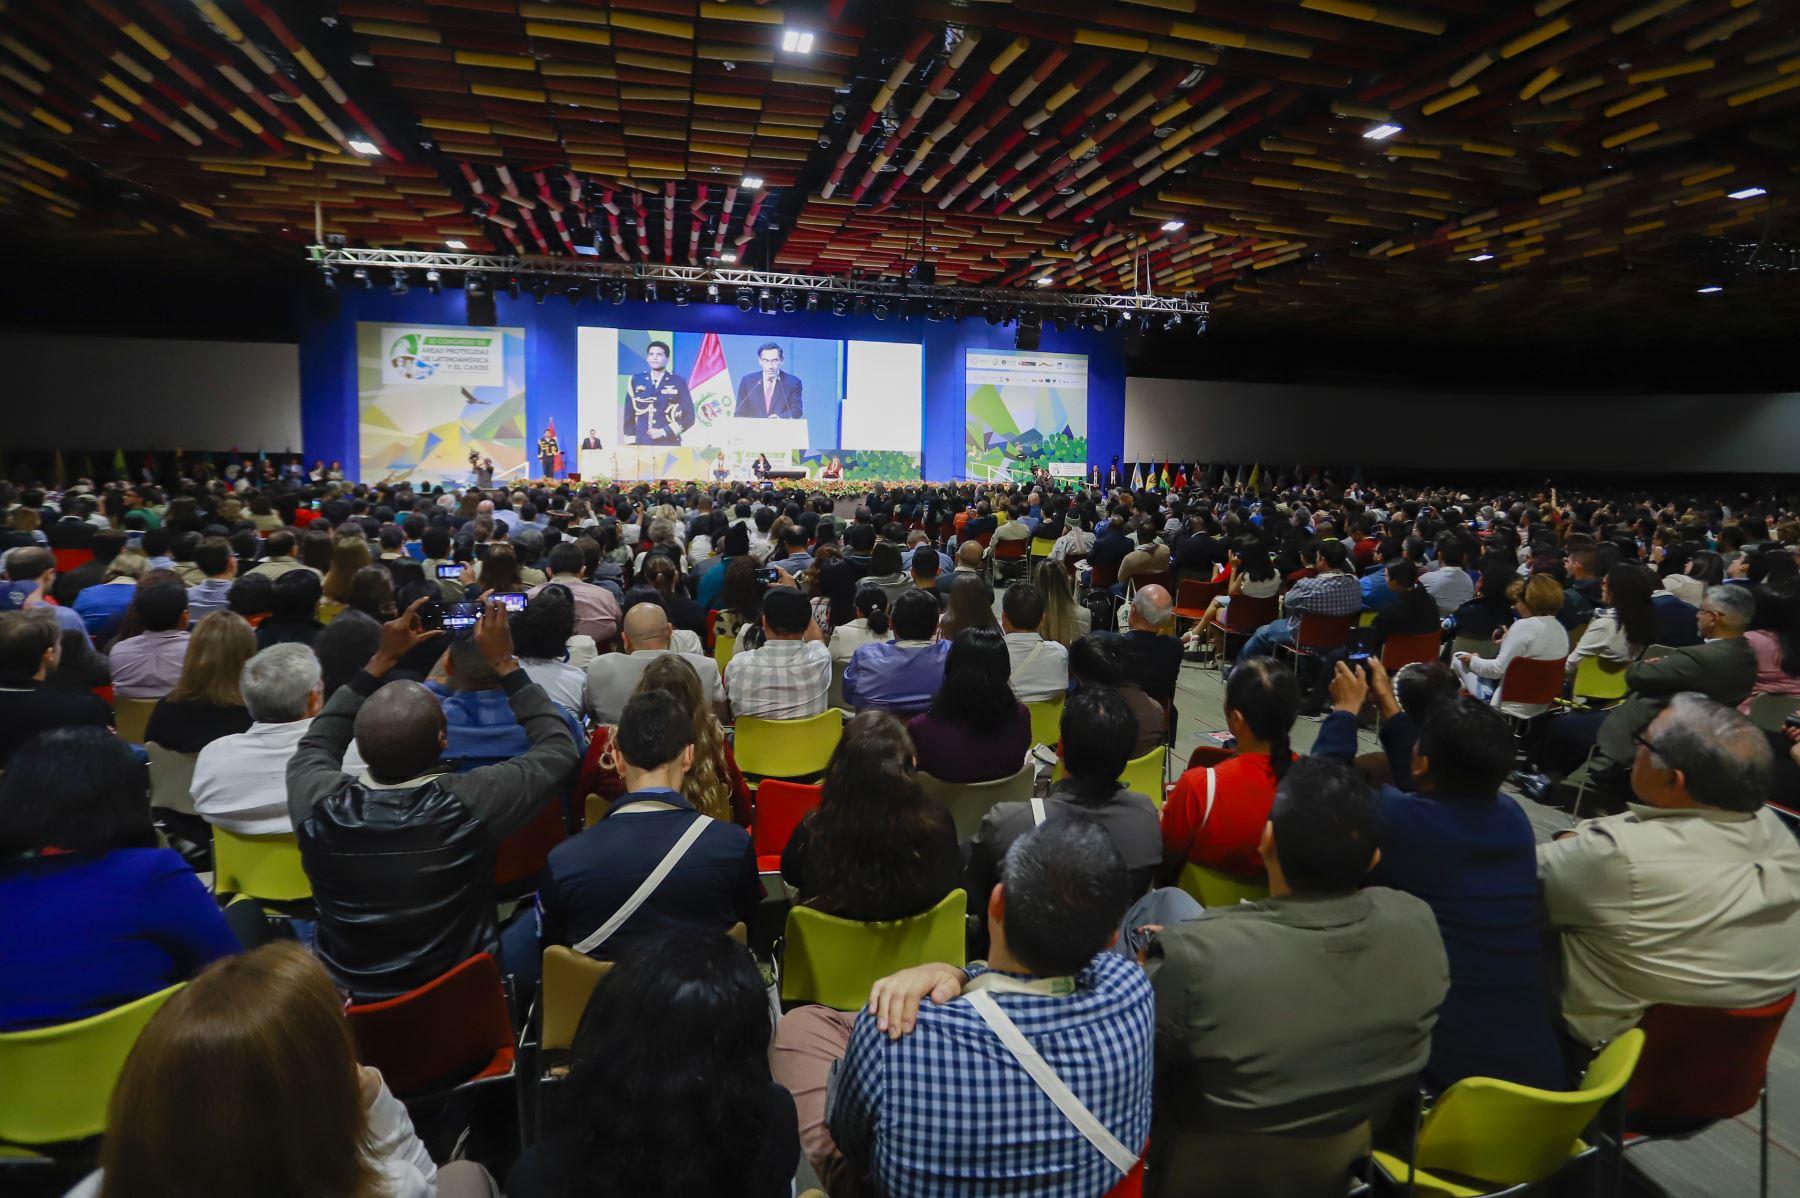 Jefe del Estado, Martín Vizcarra, inaugura III Congreso de Áreas Protegidas de Latinoamérica y el CaribeFoto: ANDINA/Prensa Presidencia